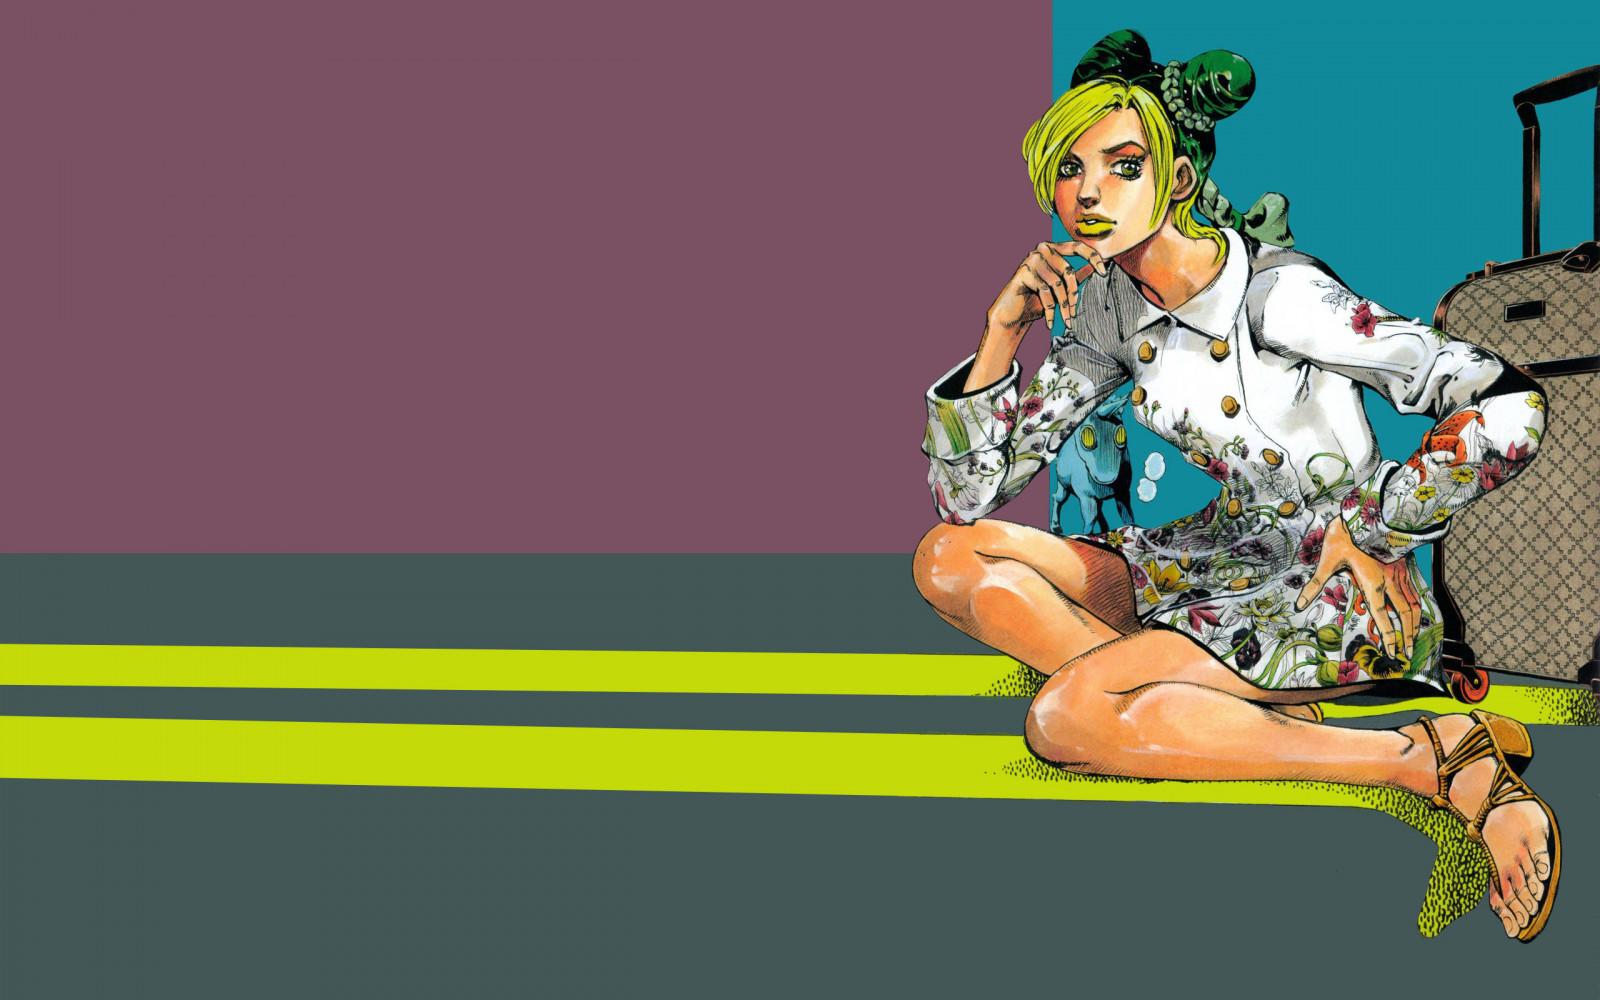 Wallpaper : JoJo's Bizarre Adventure, Jojo, anime, manga ...